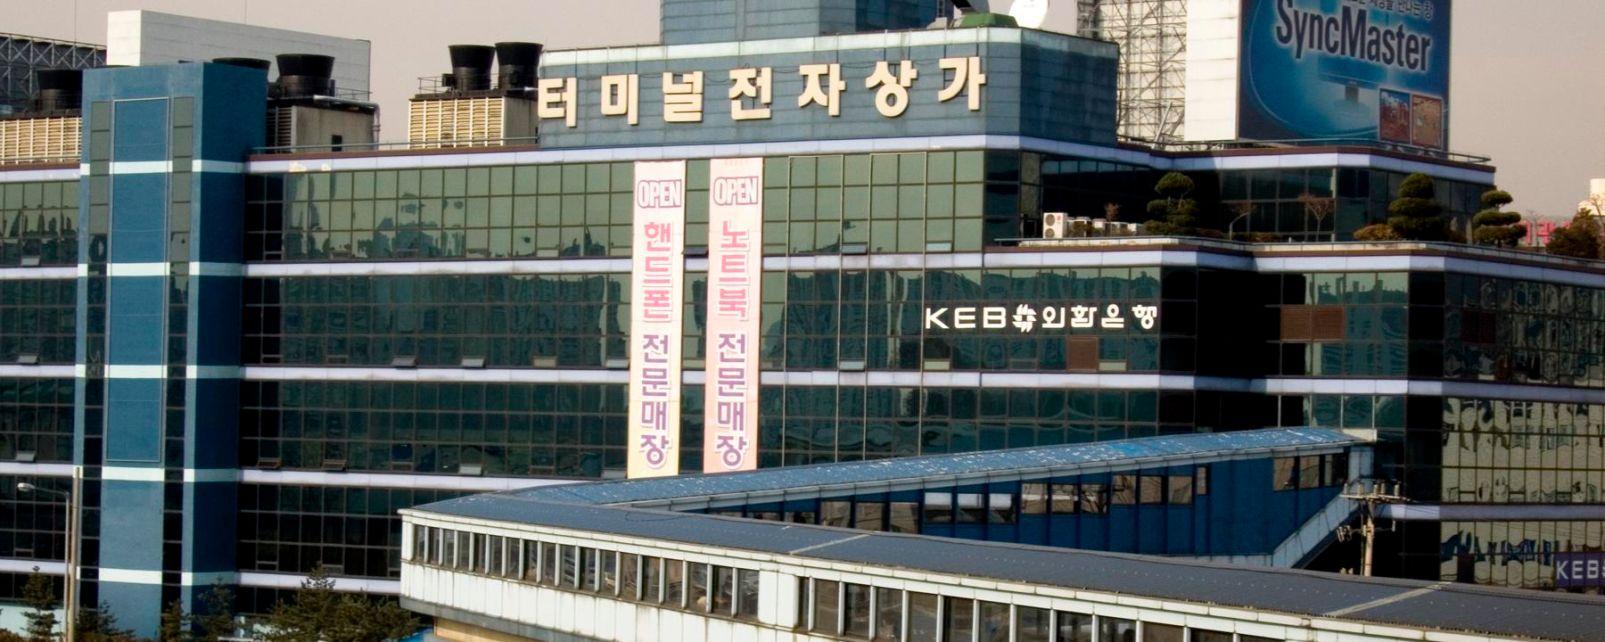 Le marché électronique de Yongsan, Le shopping, Corée du Sud